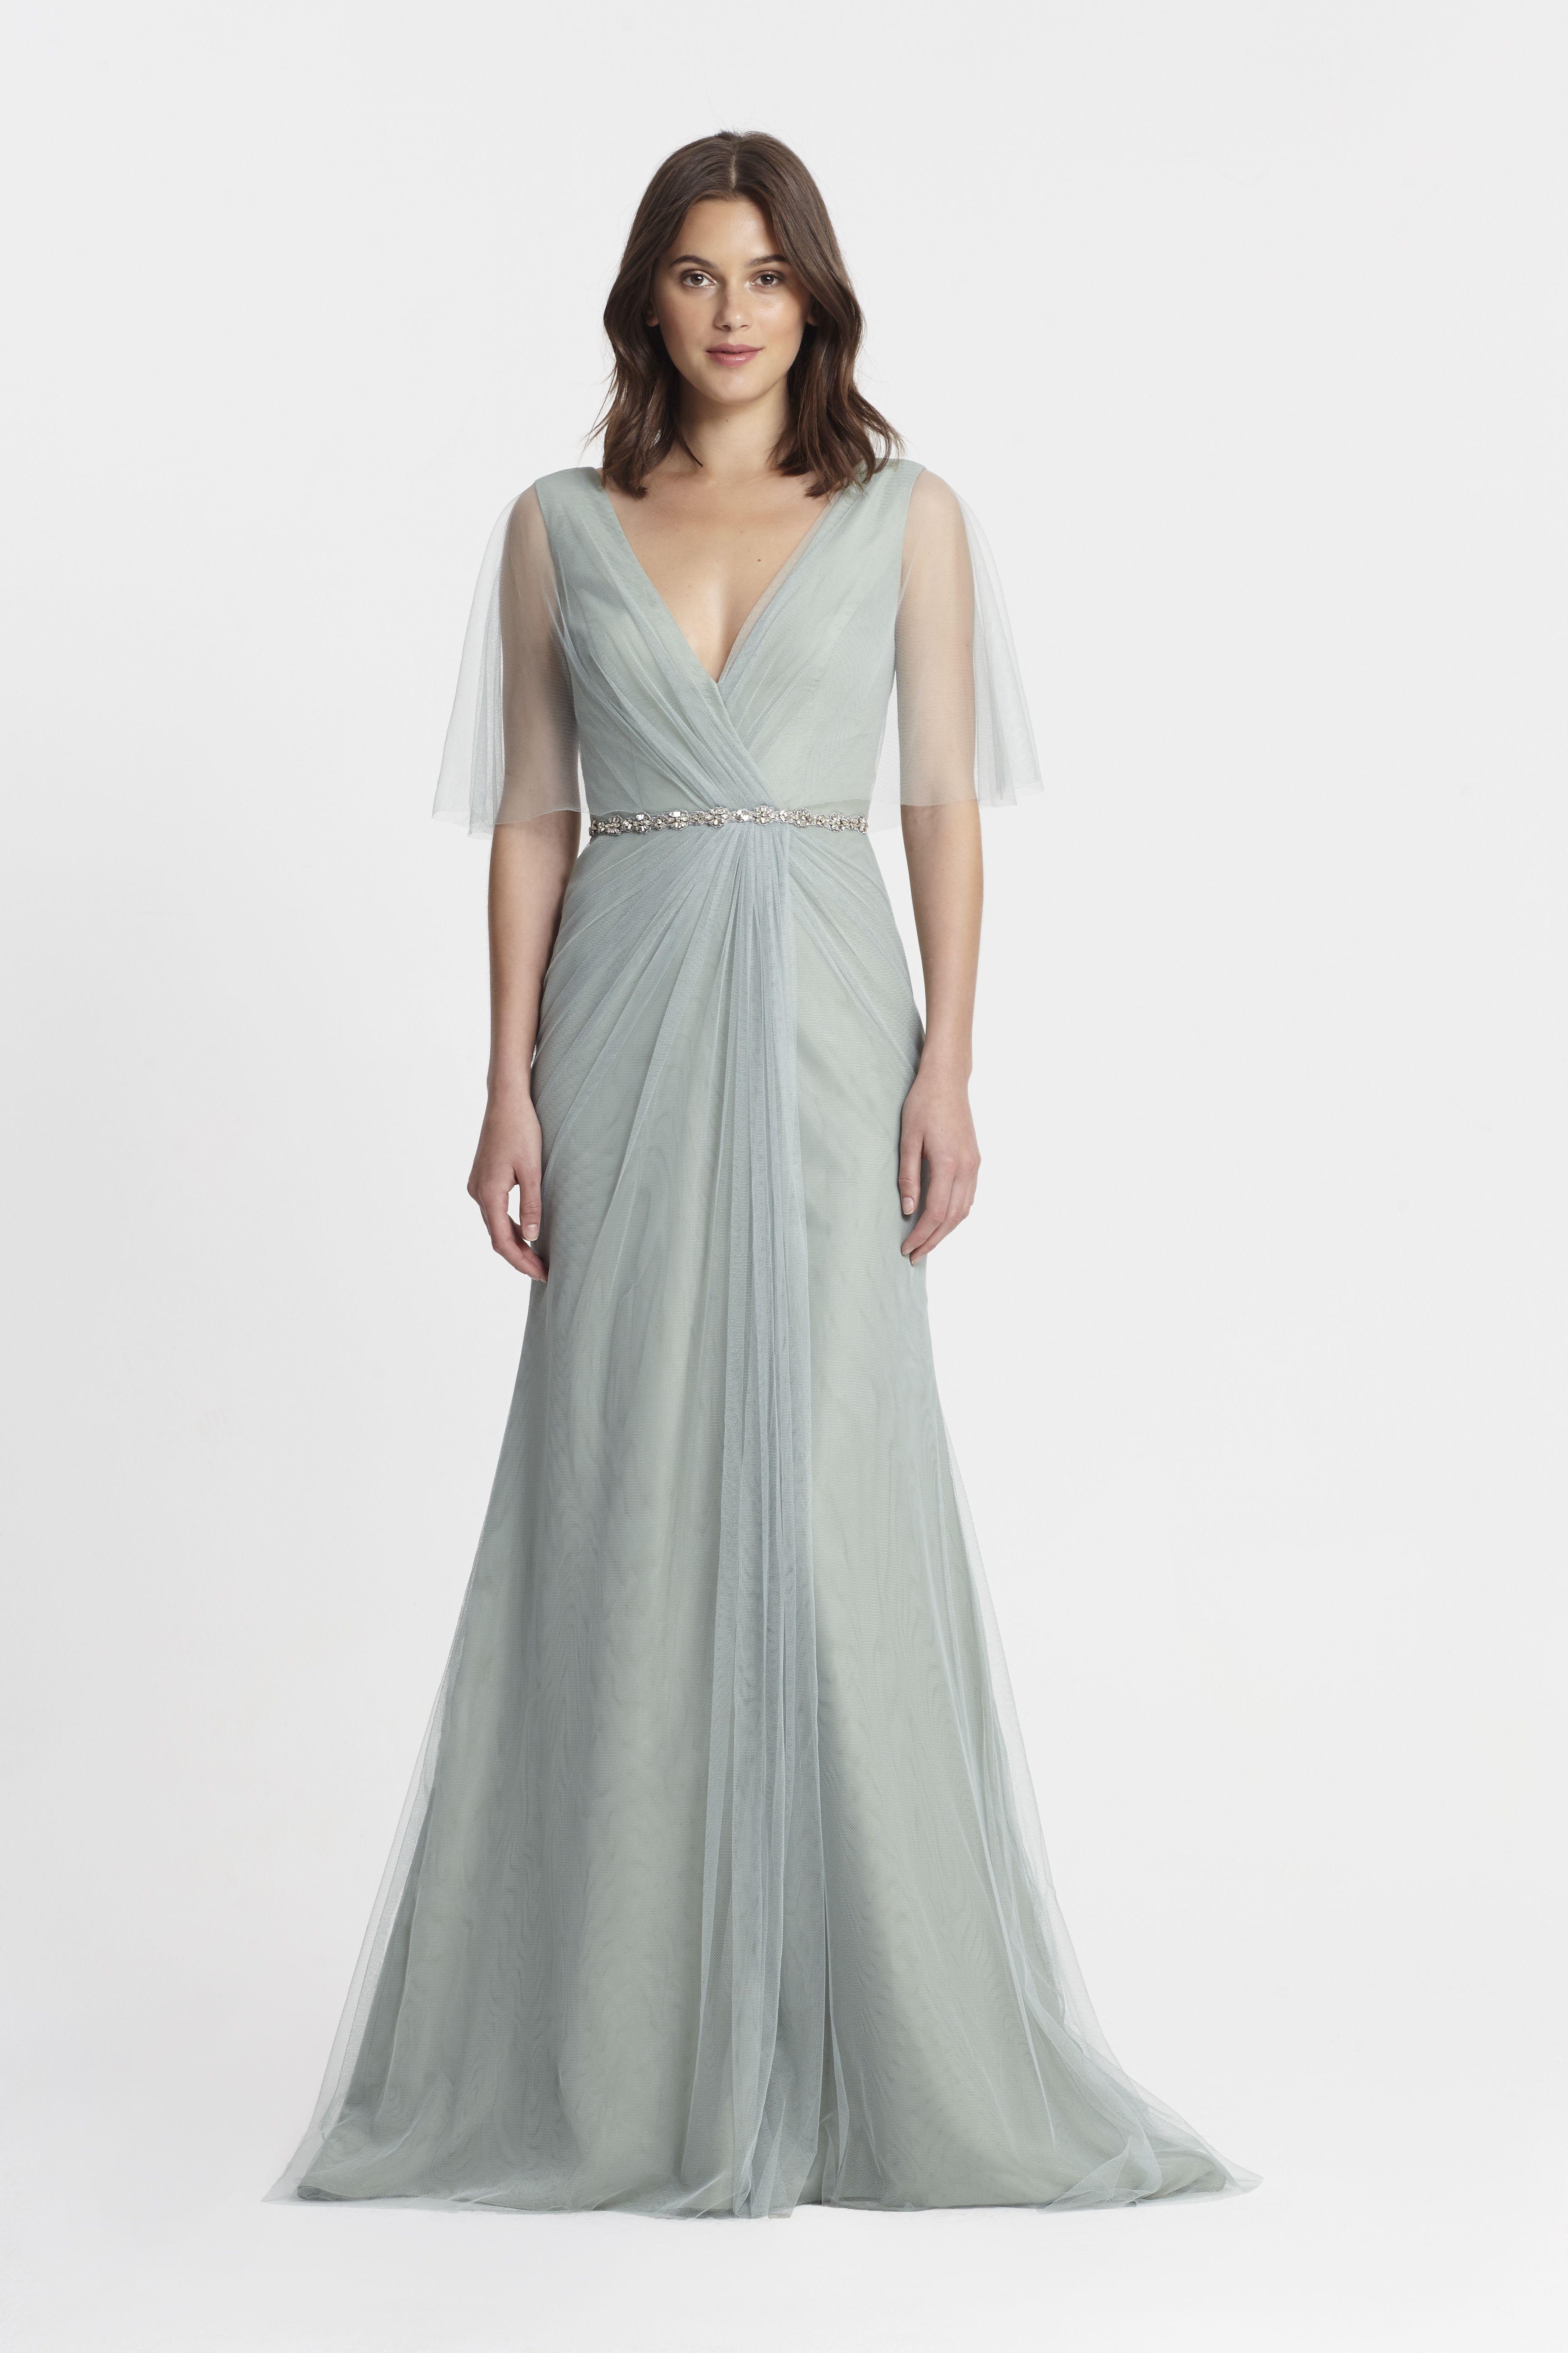 7a6d7f5ff18 Monique Lhuillier Spring 2017 Bridesmaids - Style   450376 - Sage ...